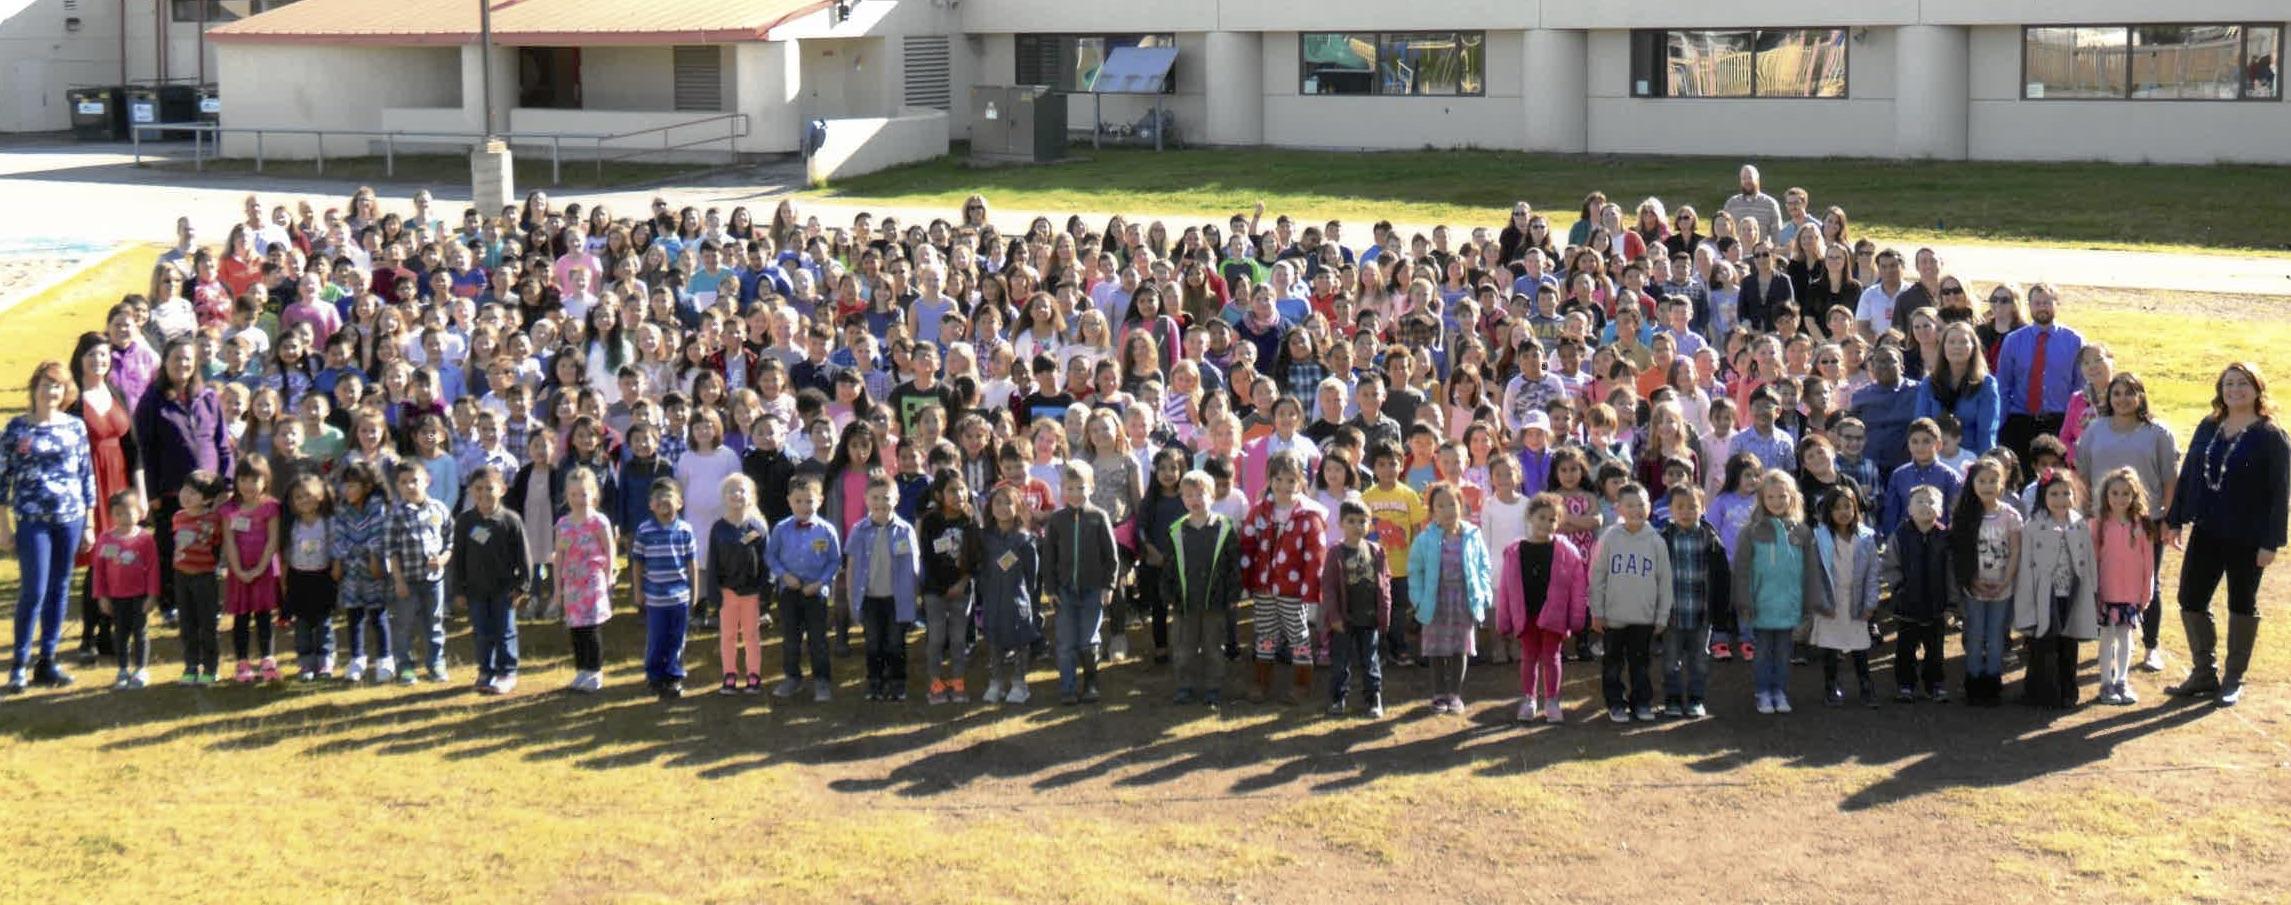 Klatt Elementary / Klatt Elementary School Homepage